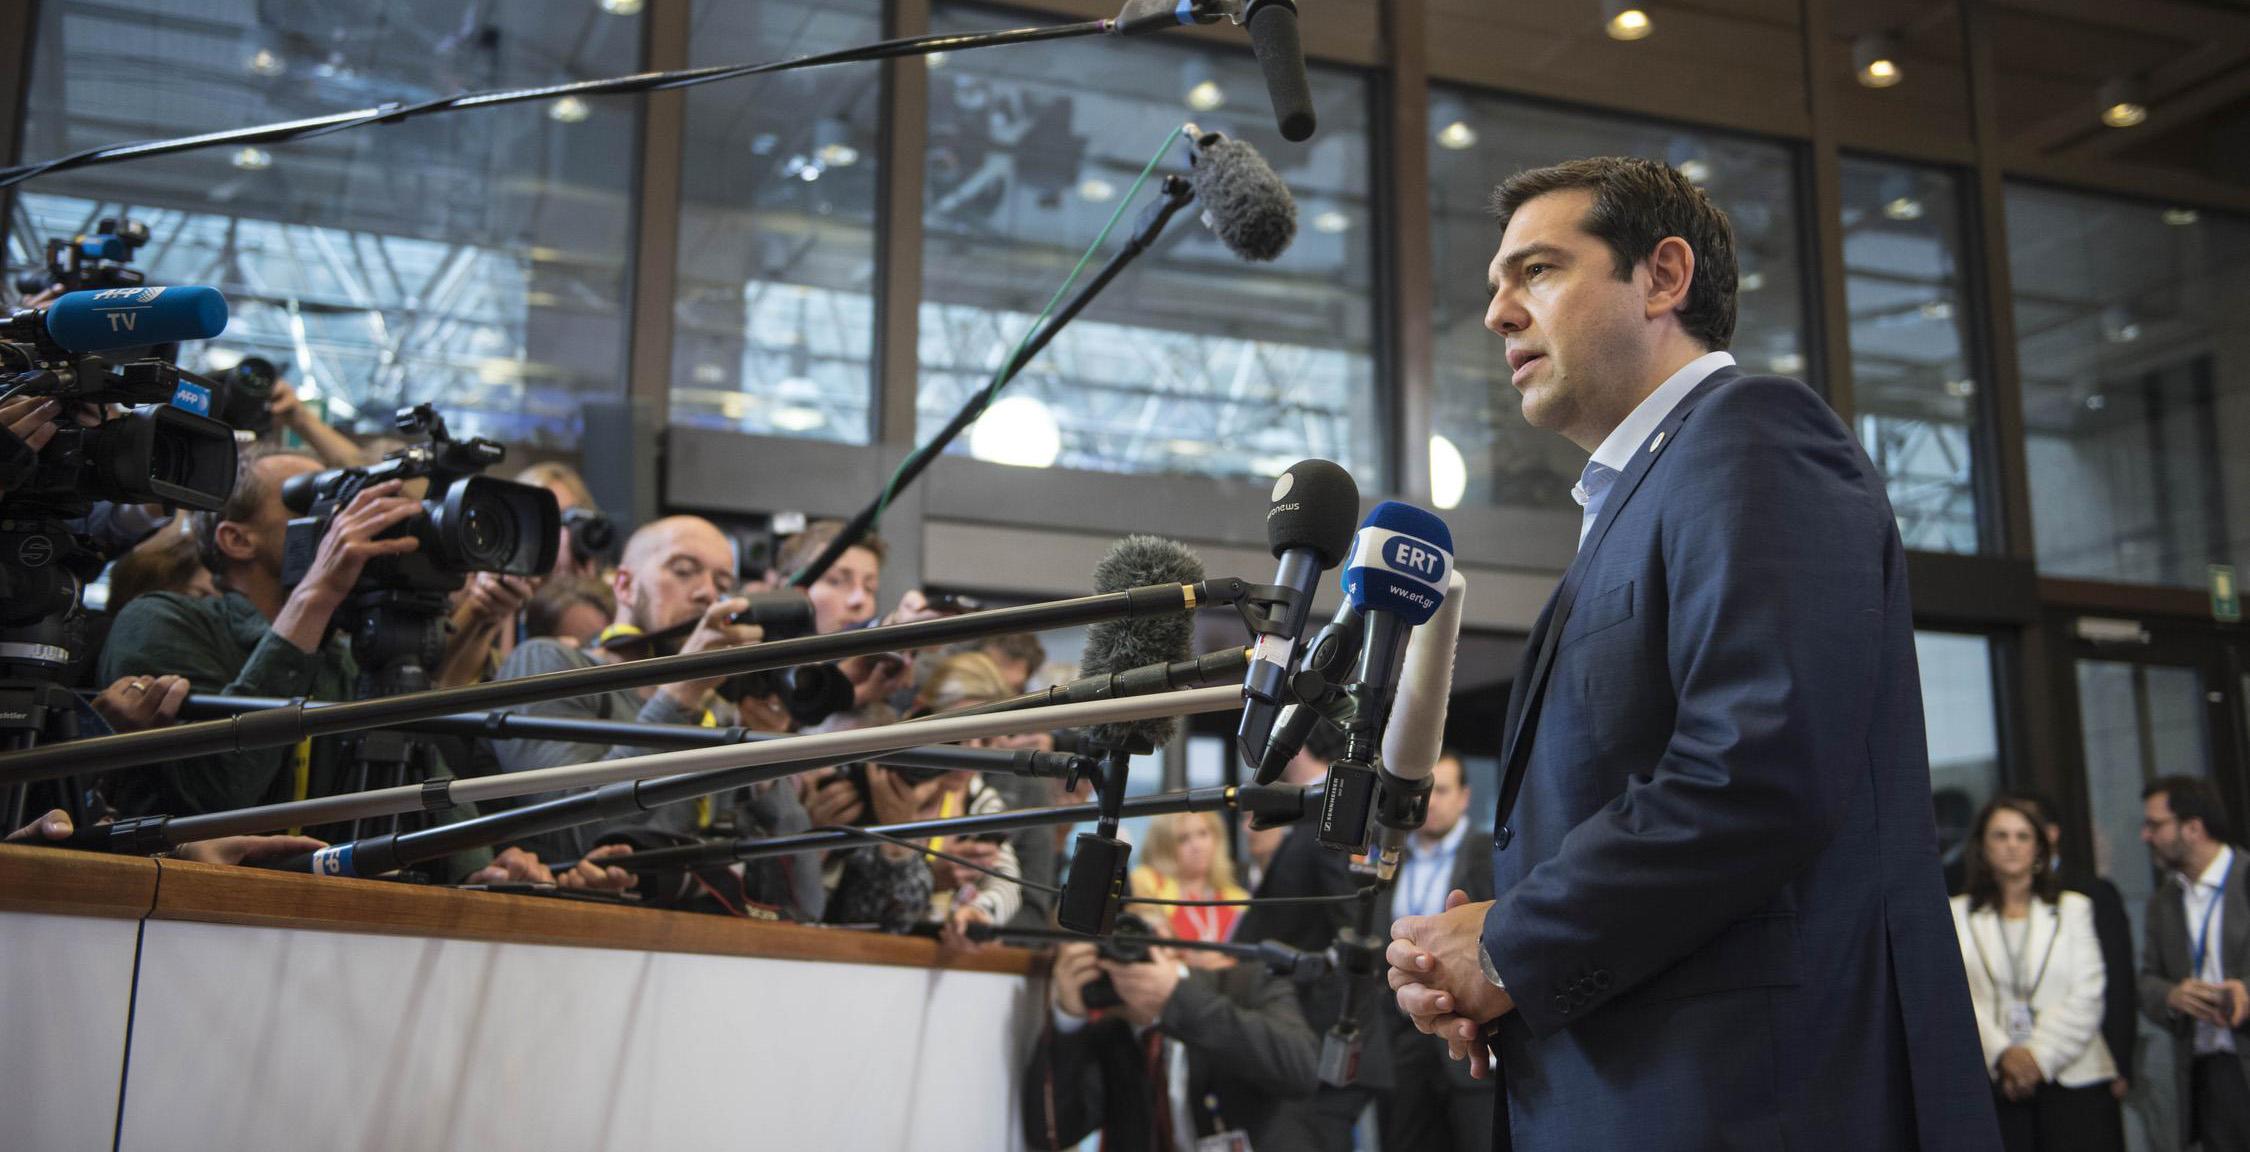 Statements by Alexis Tsipras after the completion of the European summit , Brussels, on 13 July,2015 / Δηλώσεις του Αλέξη Τσίπρα μετά την ολοκλήρωση της Συνόδου Κορυφής της Ευρωζώνης, Βρυξέλλες, στις 13 Ιουλίου, 2015